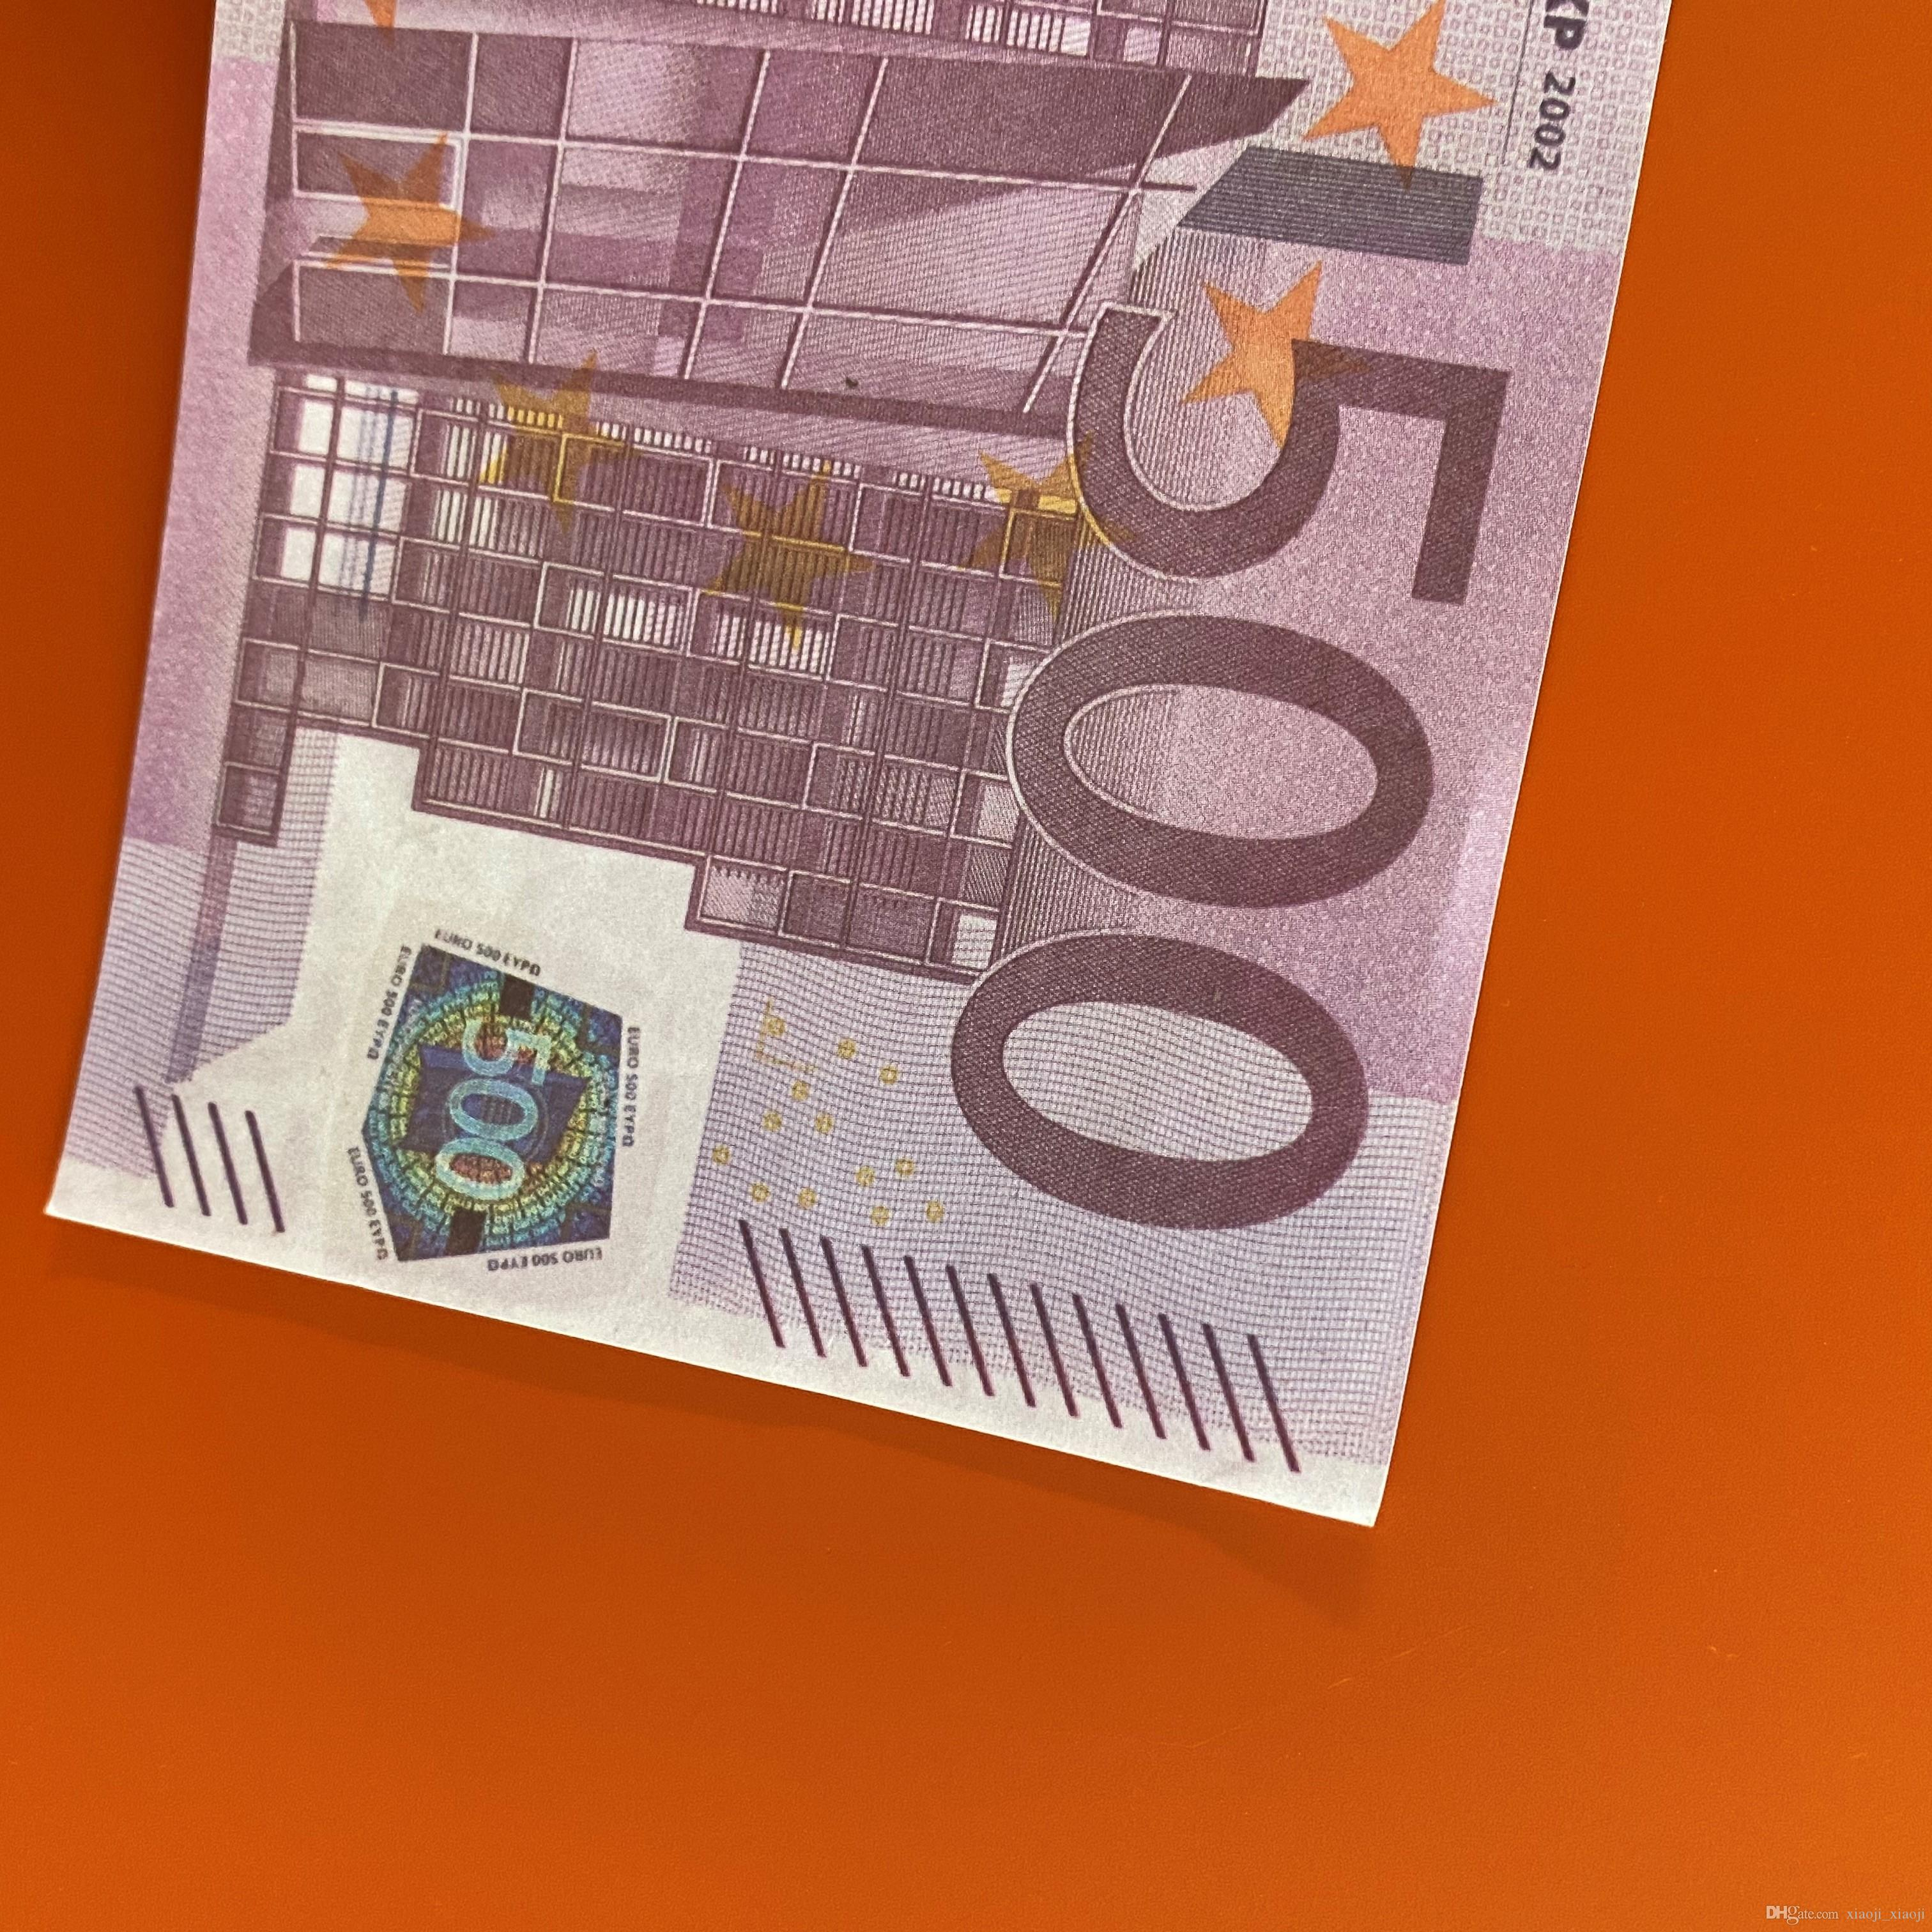 Banconota di qualità Euro denaro denaro High 500 regali di conteggio dei giochi Prop Billet Festive Party Prop Toys Collections Euro Lstqg